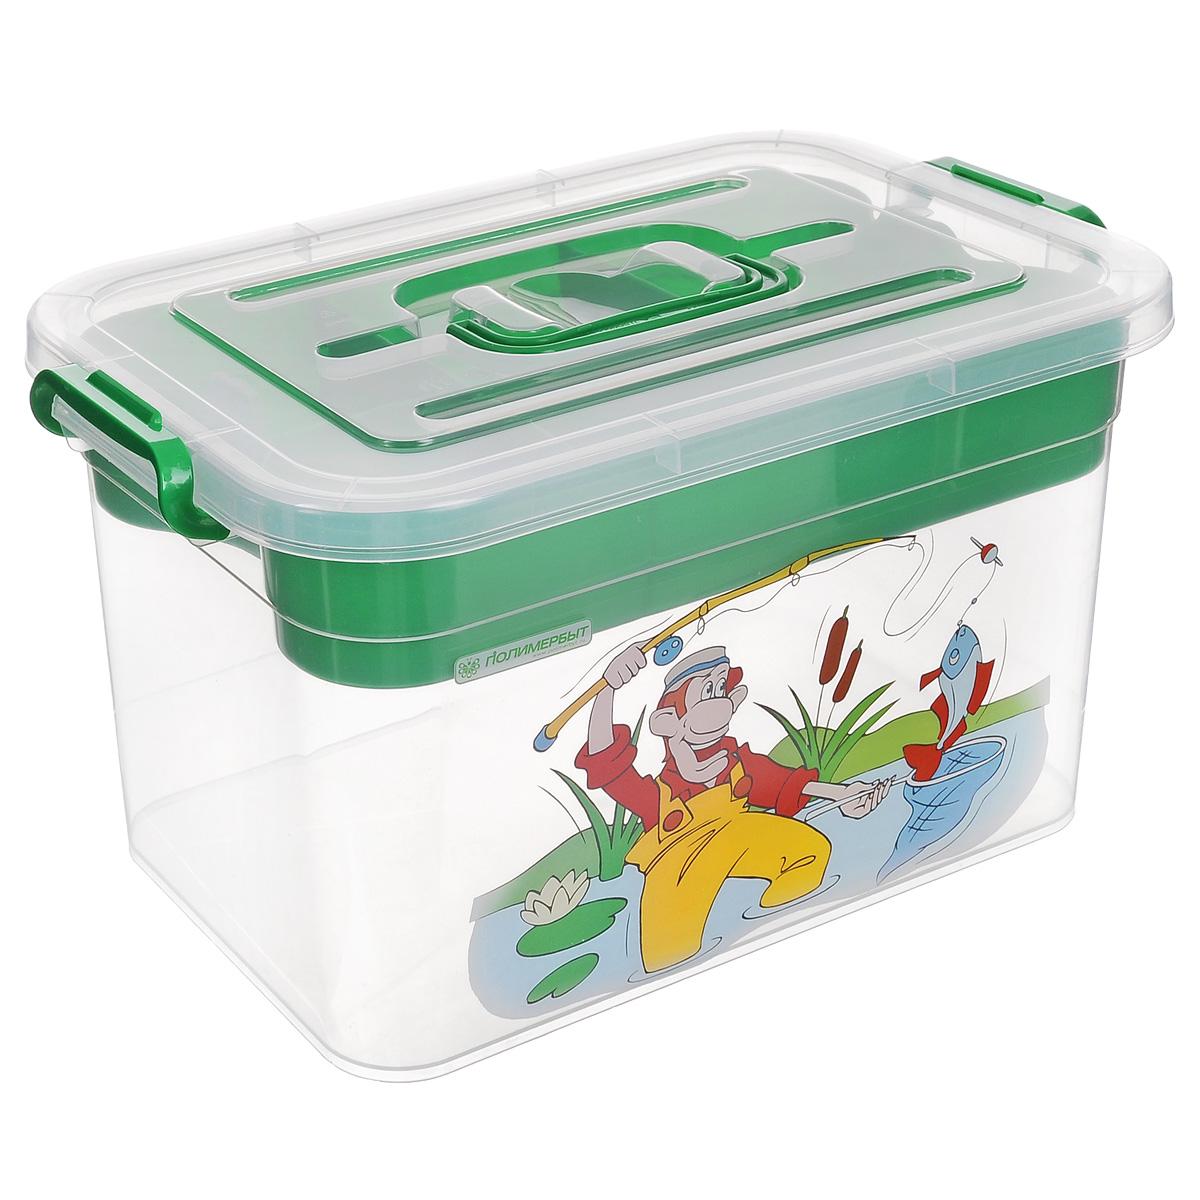 Контейнер для хранения Полимербыт Рыбалка, с вкладышем, цвет: зеленый, 10 лС81004Контейнер Полимербыт Рыбалка выполнен из прочного пластика и предназначен для хранения рыболовных принадлежностей. Внутри контейнера имеется съемный вкладыш с ячейками разной формы и размера, в котором можно хранить мелкие вещи. Закрывается контейнер при помощи крепких защелок по бокам, которые не допускают случайного открывания. Контейнер оснащен удобной ручкой, благодаря которой его можно без проблем переносить с места на место. Ручка прячется в крышке, что дает возможность размещать сверху другие контейнеры. Контейнер поможет хранить предметы для рыбалки в одном месте, а также защитить их от пыли и грязи. Размер вкладыша: 30,5 см х 20 см х 5 см. Размер самого большого отделения вкладыша: 20 см х 9,8 см х 4 см. Размер самого маленького отделения вкладыша: 9,8 см х 9,8 см х 4 см.